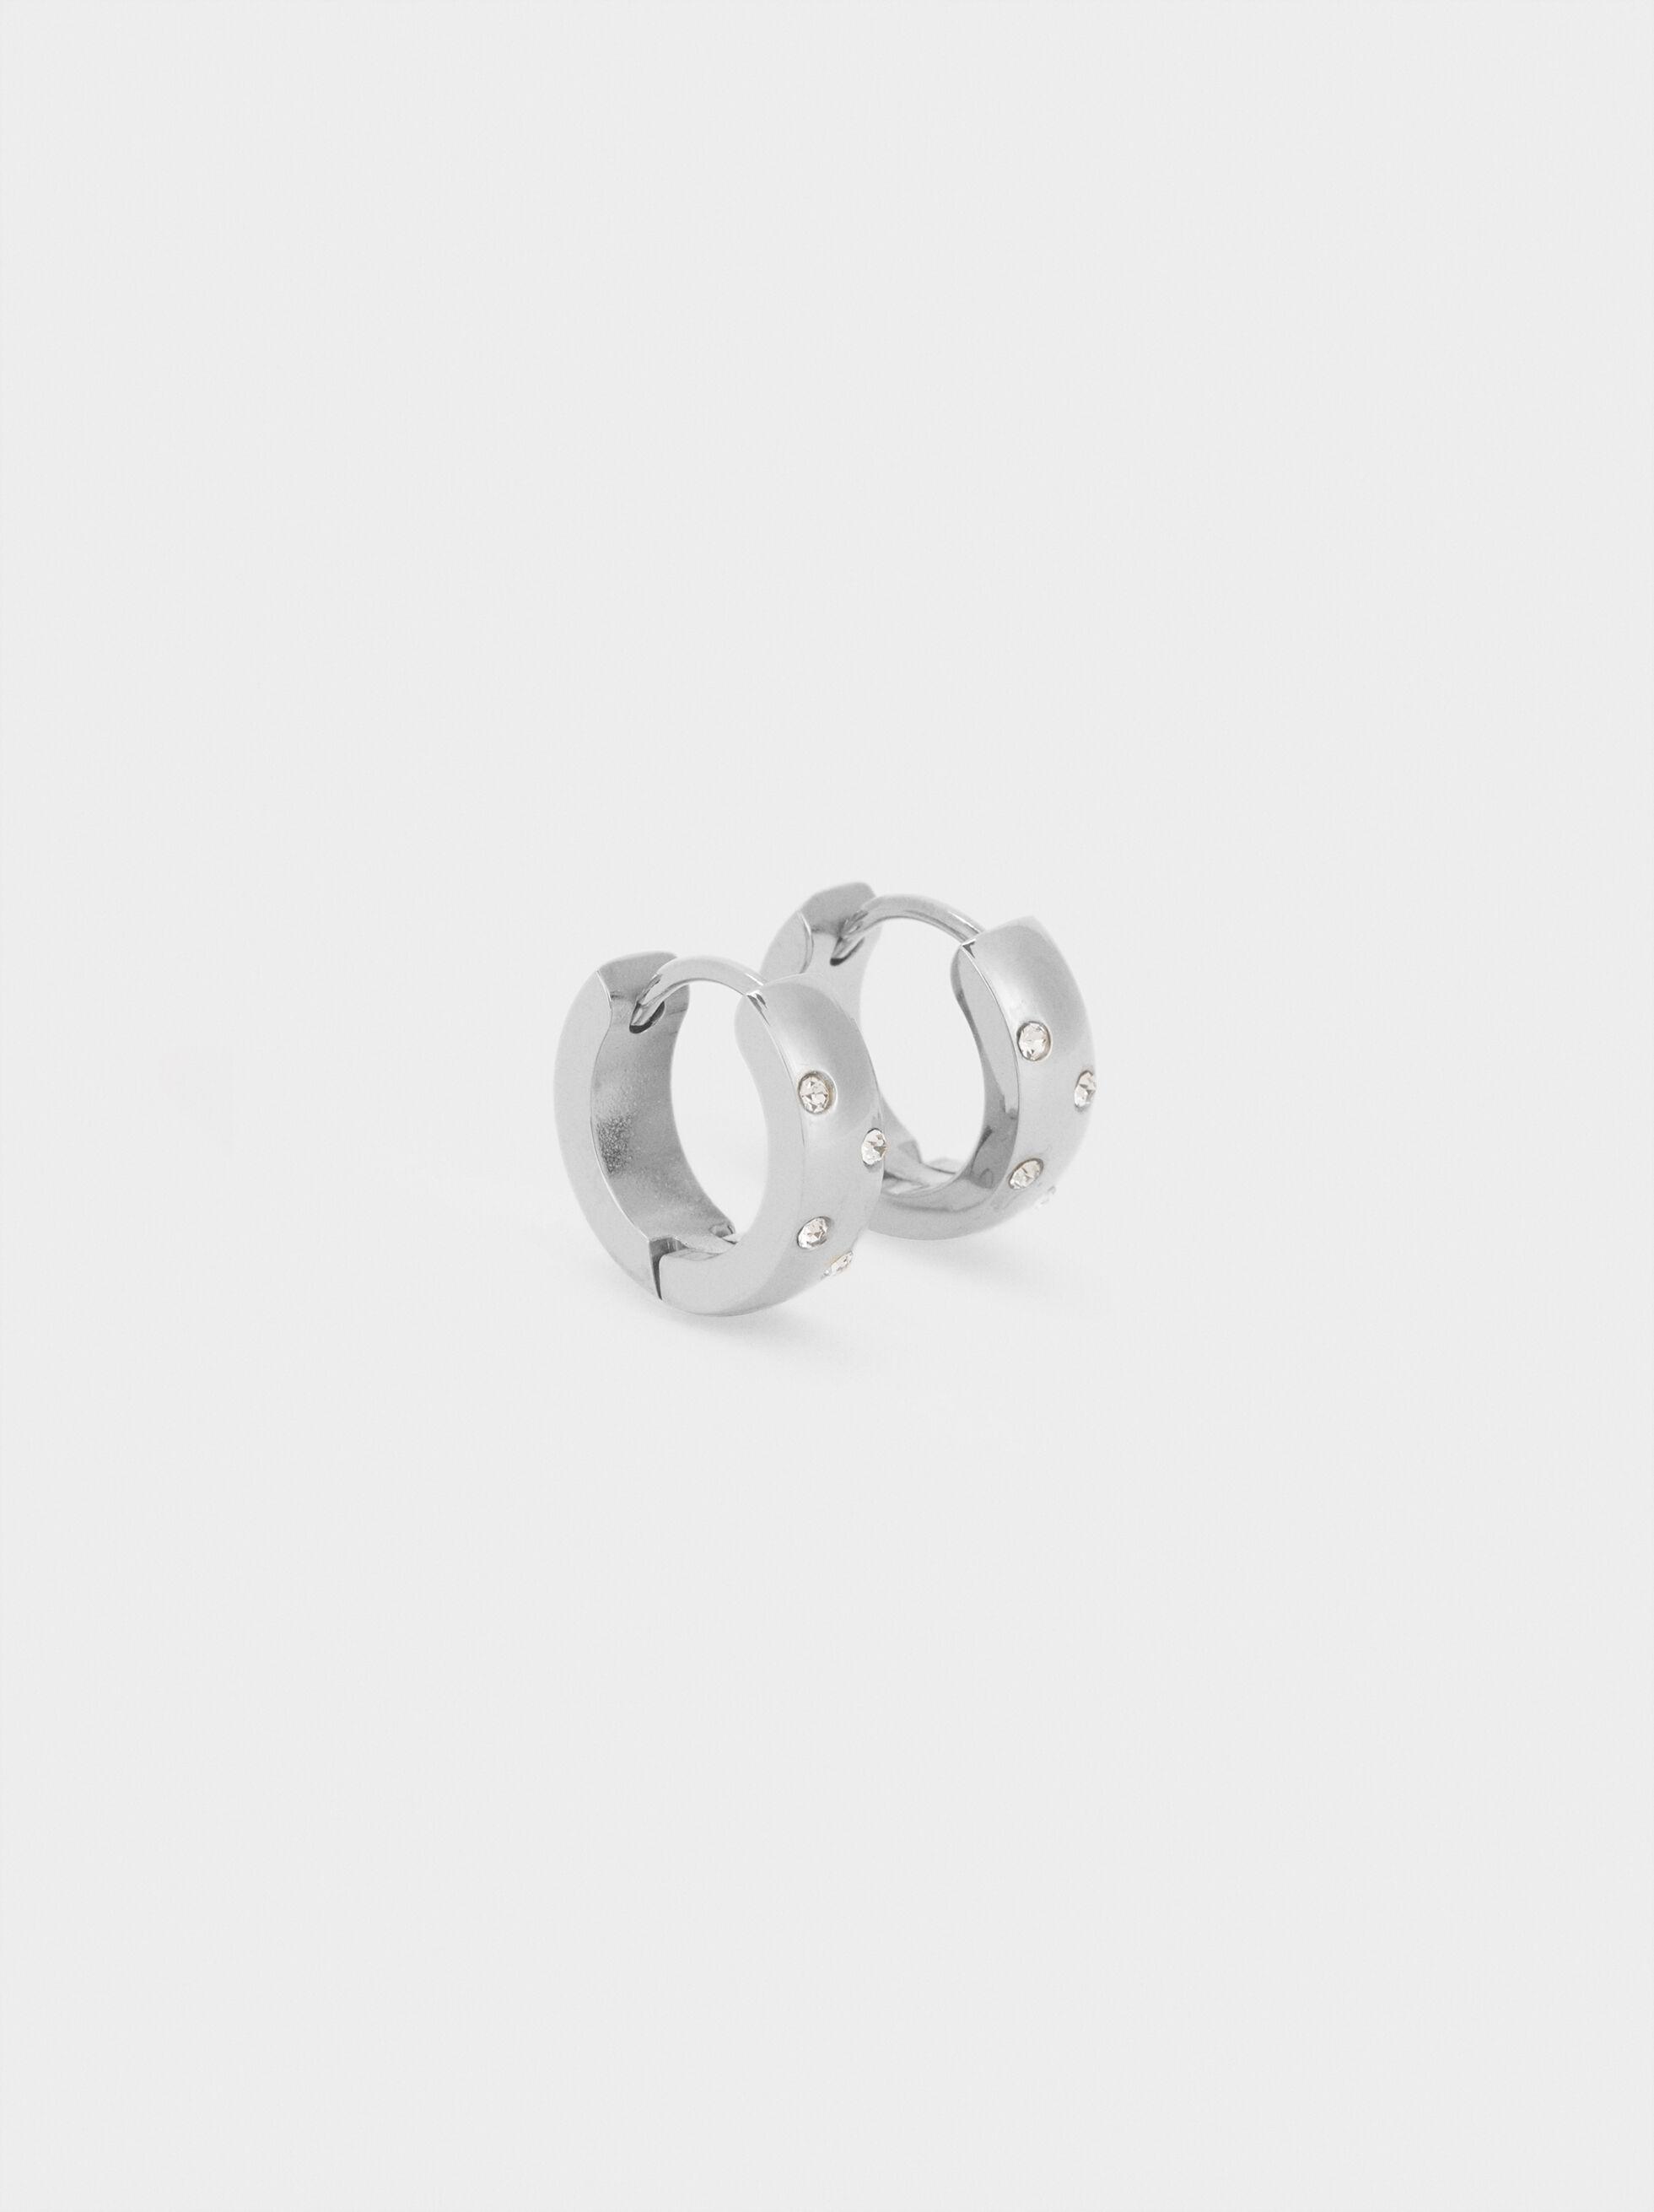 Small Stainless Steel Hoop Earrings With Rhinestones, Silver, hi-res